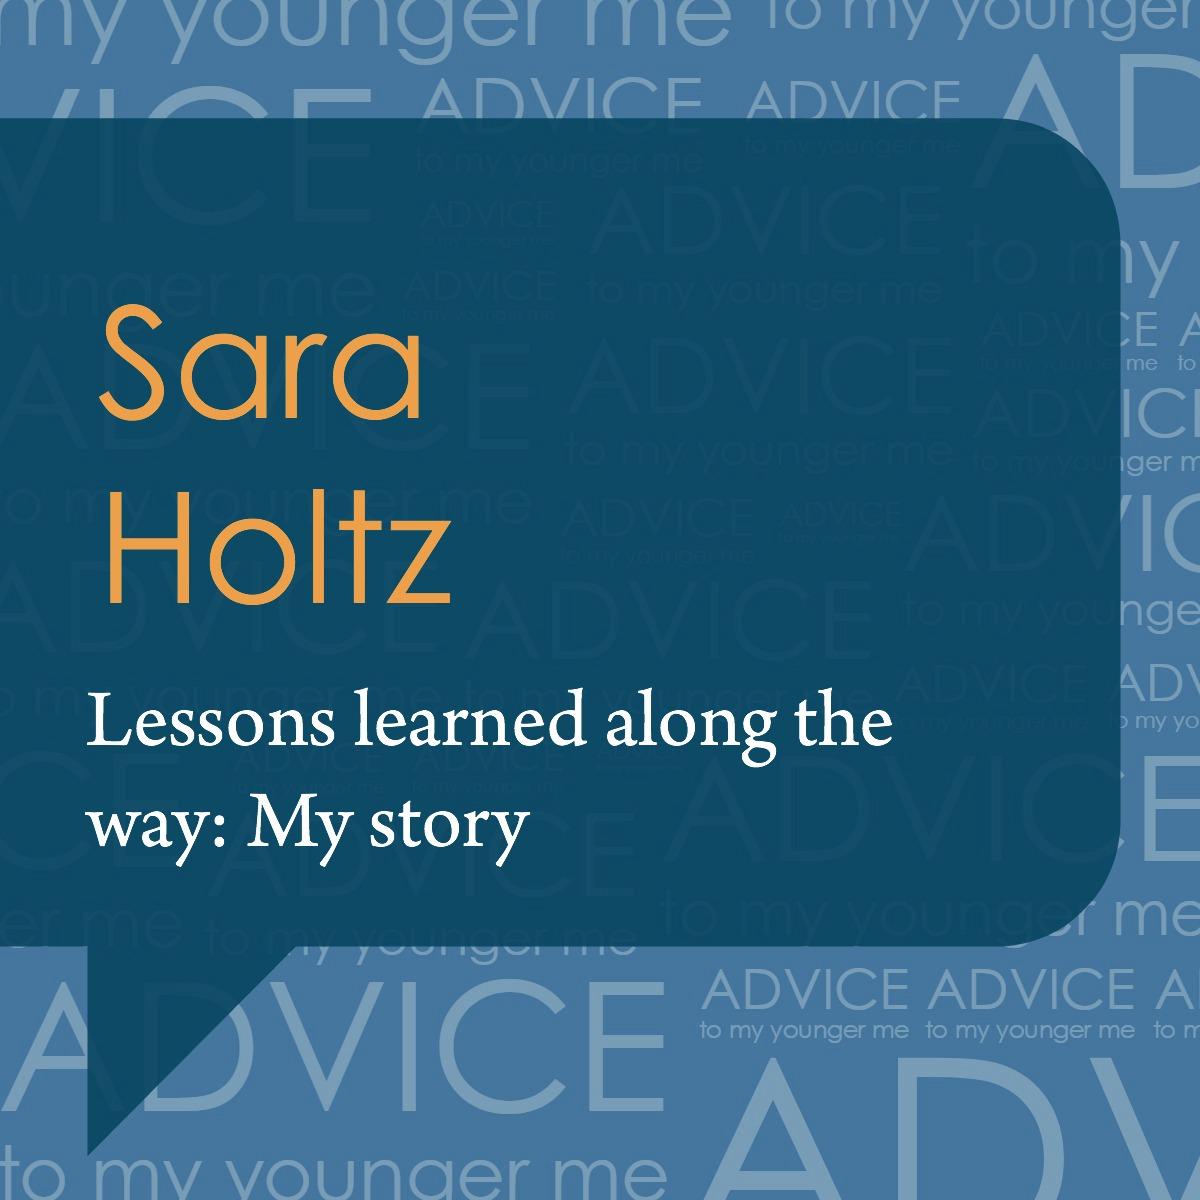 Sara Holtz